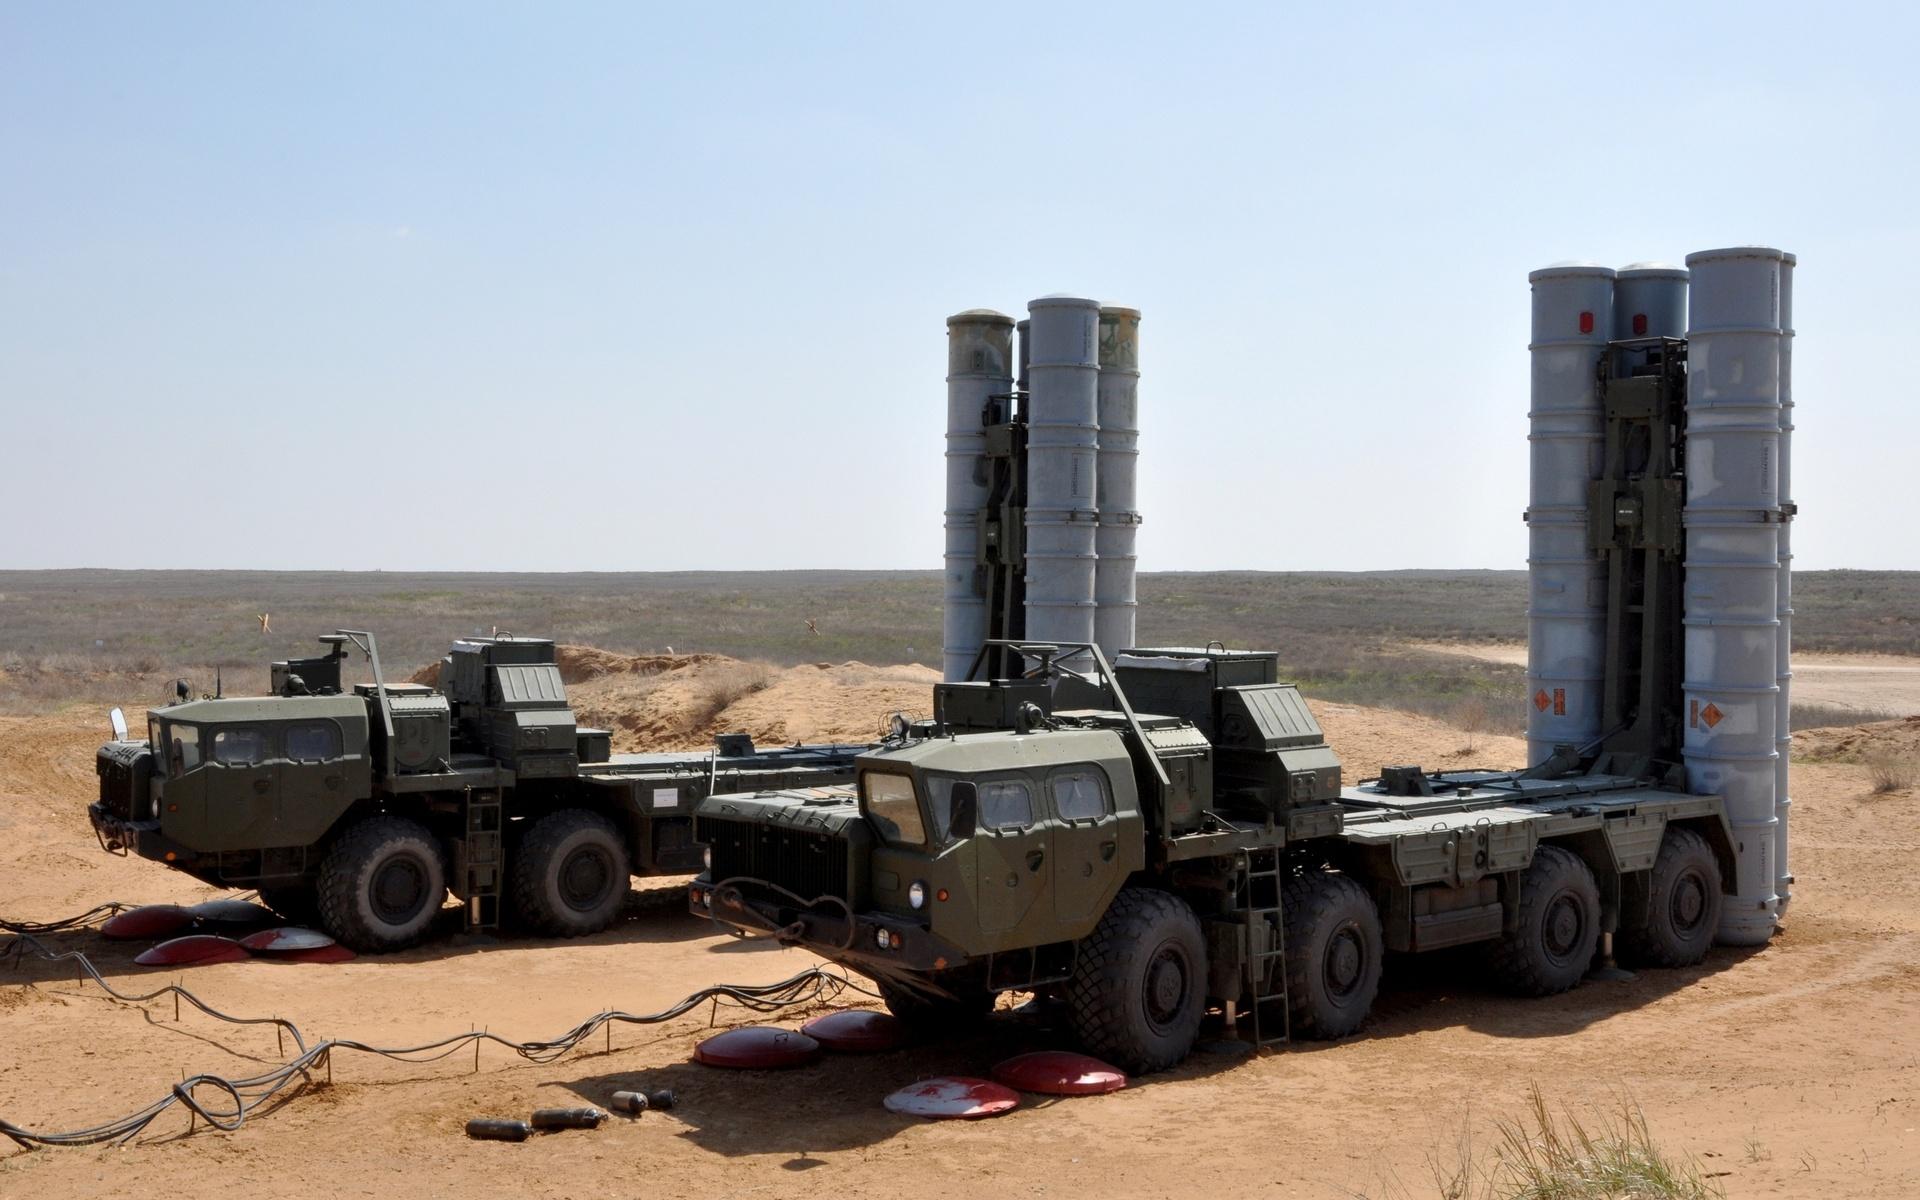 Tổ hợp tên lửa S-300 của Nga có nhiều tính năng vượt trội và là hệ thống chống máy bay mạnh nhất hiện nay